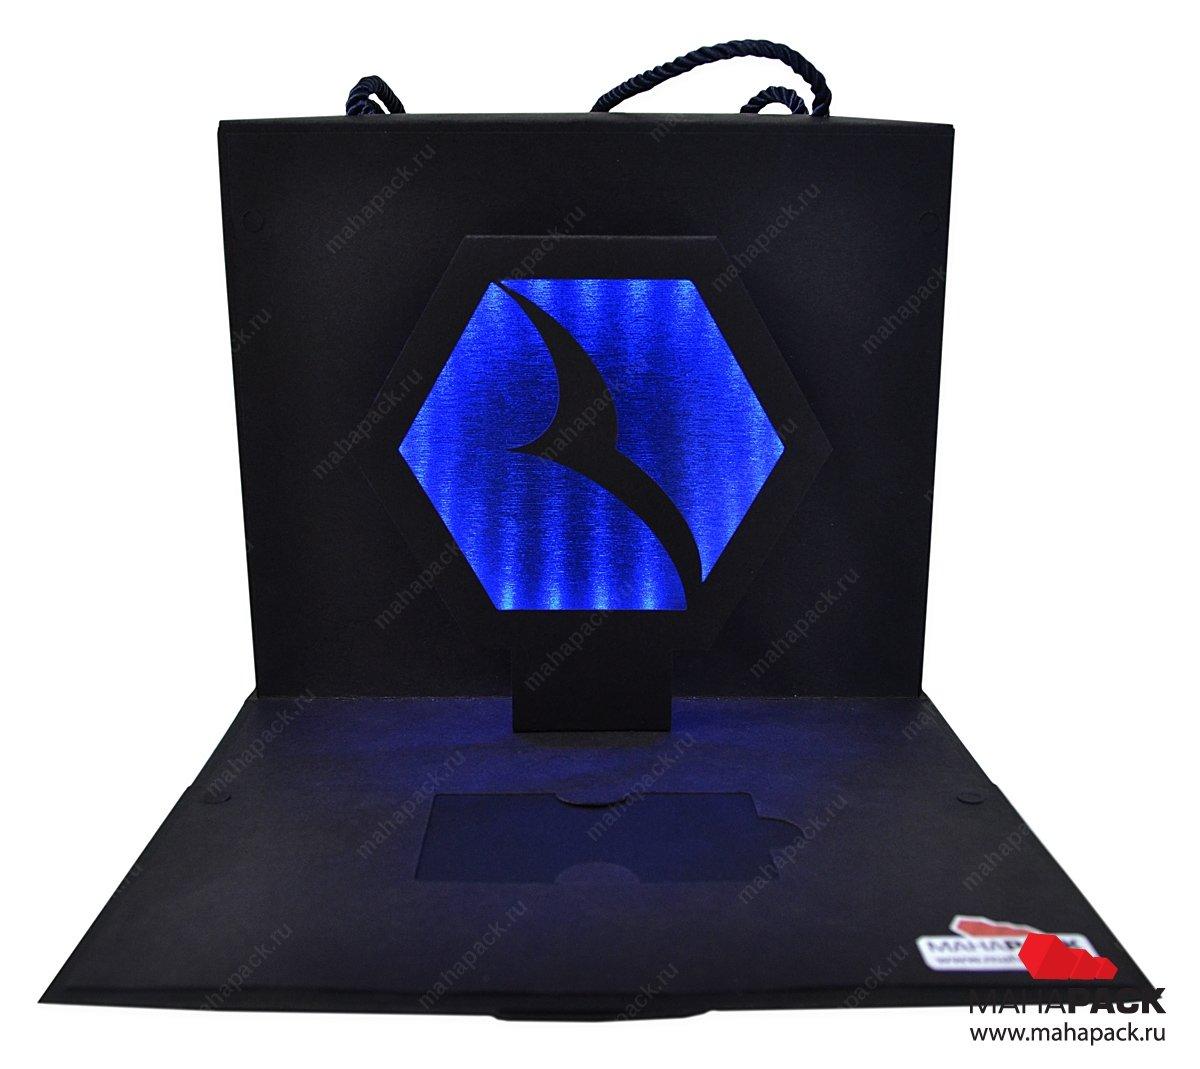 Эксклюзивная упаковка с pop-up эффектом и диодной подсветкой